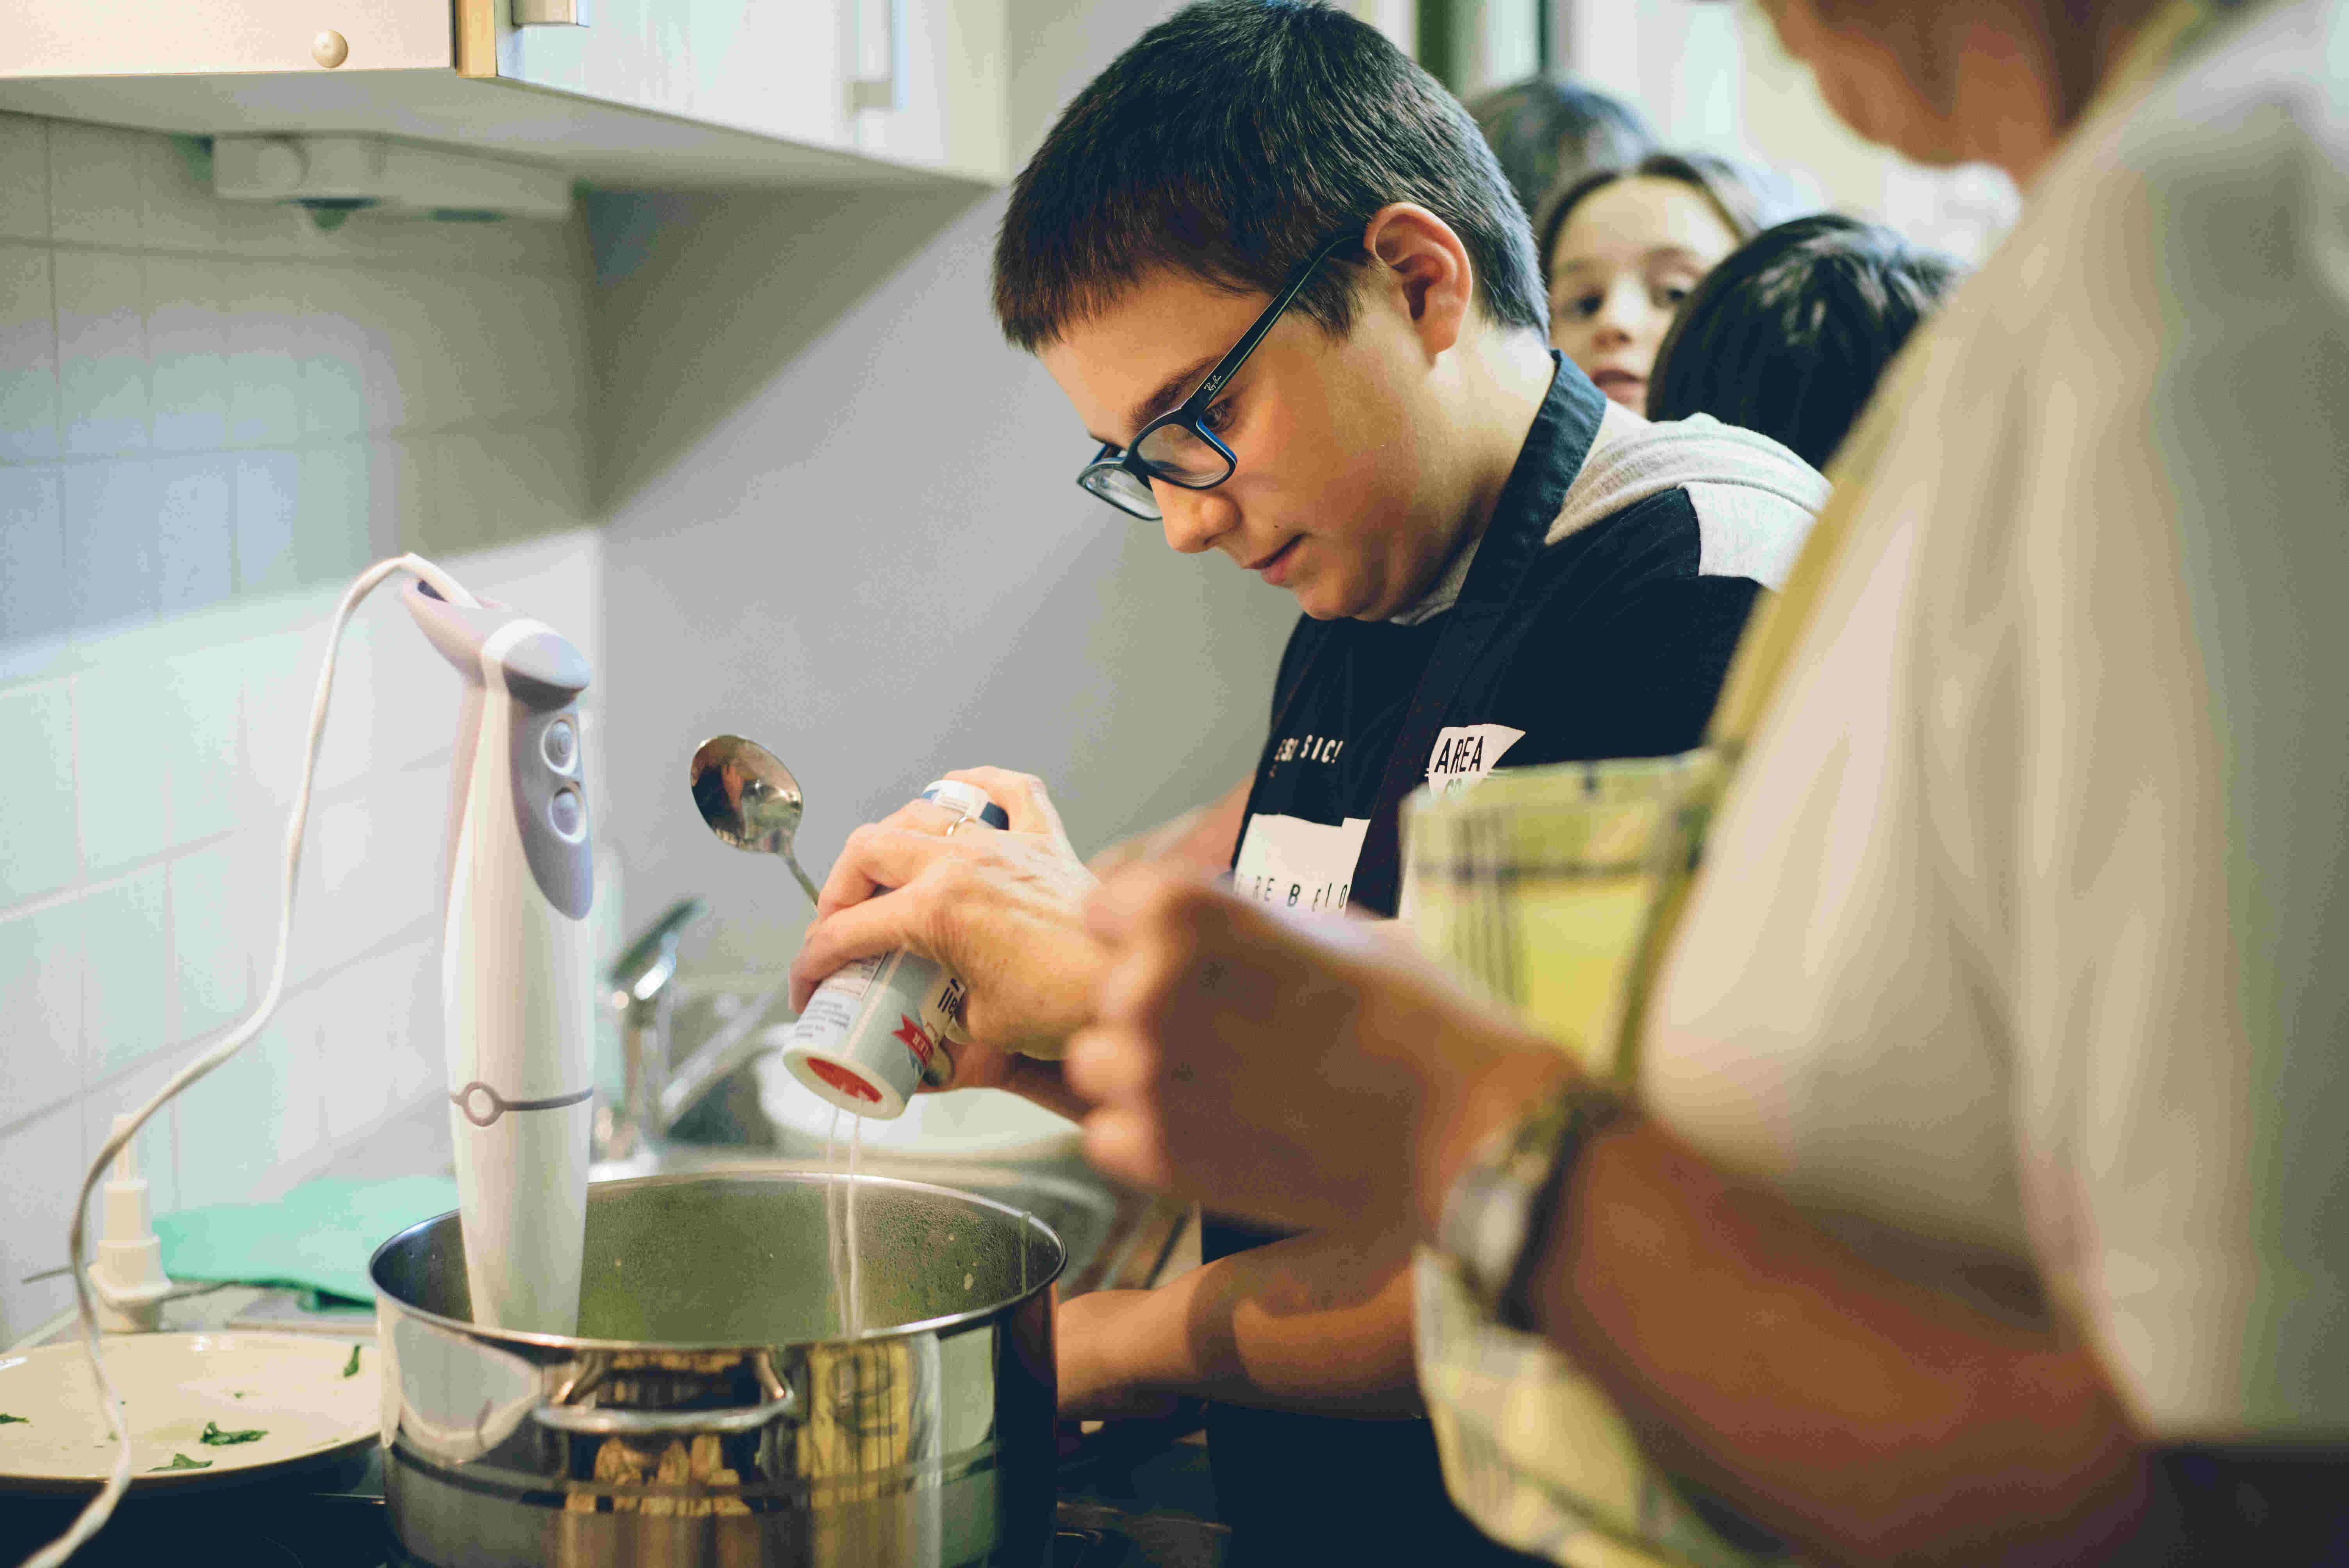 Lehrerin und ein Schüler beim kochen